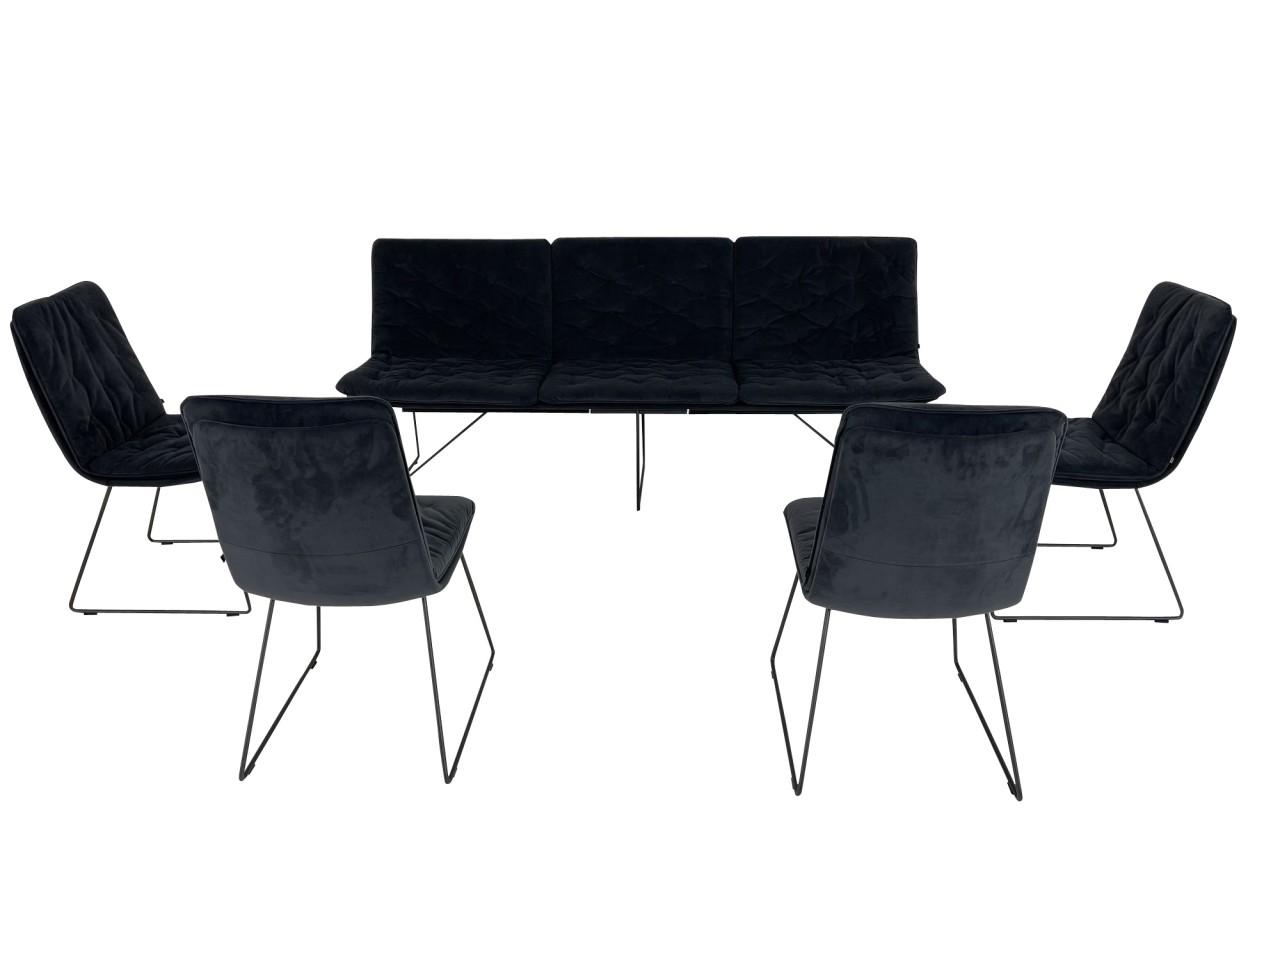 KFF ARVA STITCH EDITION Sitzbank und Stühle mit Steppung in Velours Samt anthrazit mit Kufen